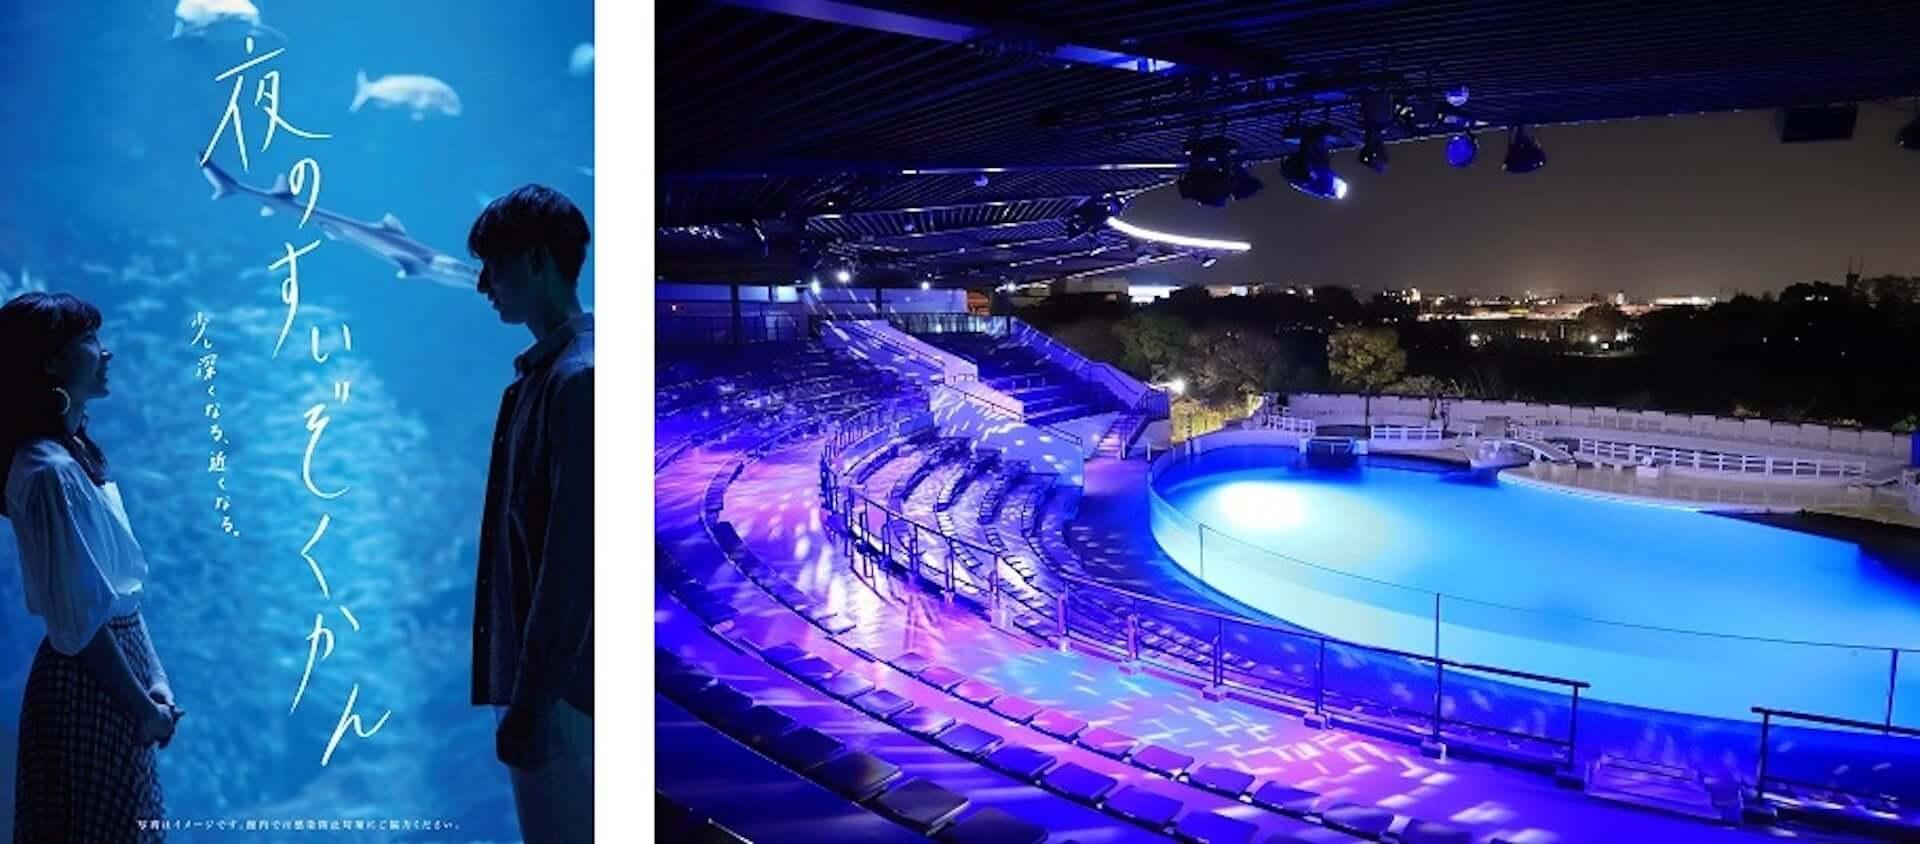 夏休みは京都水族館へ!夜限定イベント<夜のすいぞくかん>が今年も開催決定|イルカの新パフォーマンスも art200713_kyoto-aquarium_3-1920x844